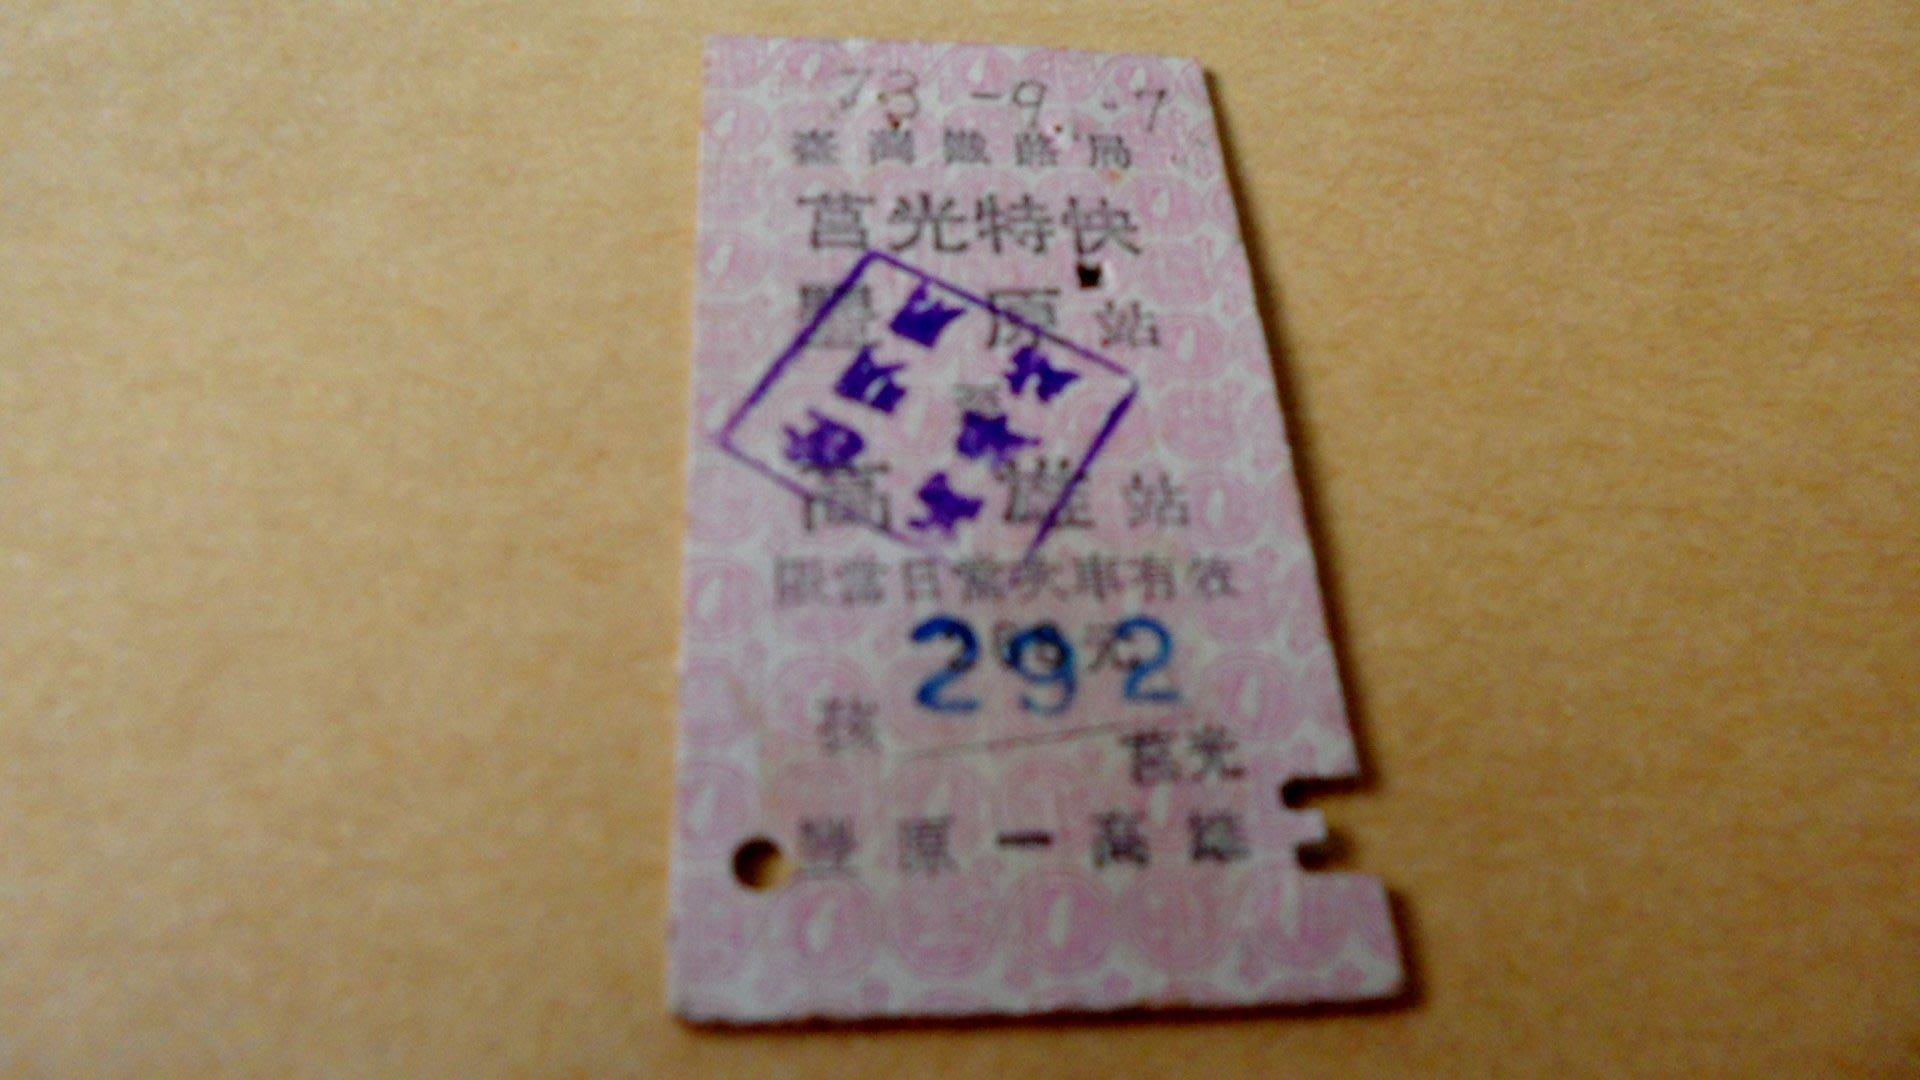 紅色小館~~a1火車票~73.-9.-7莒光特快 豐原至高雄4797(孩童票)